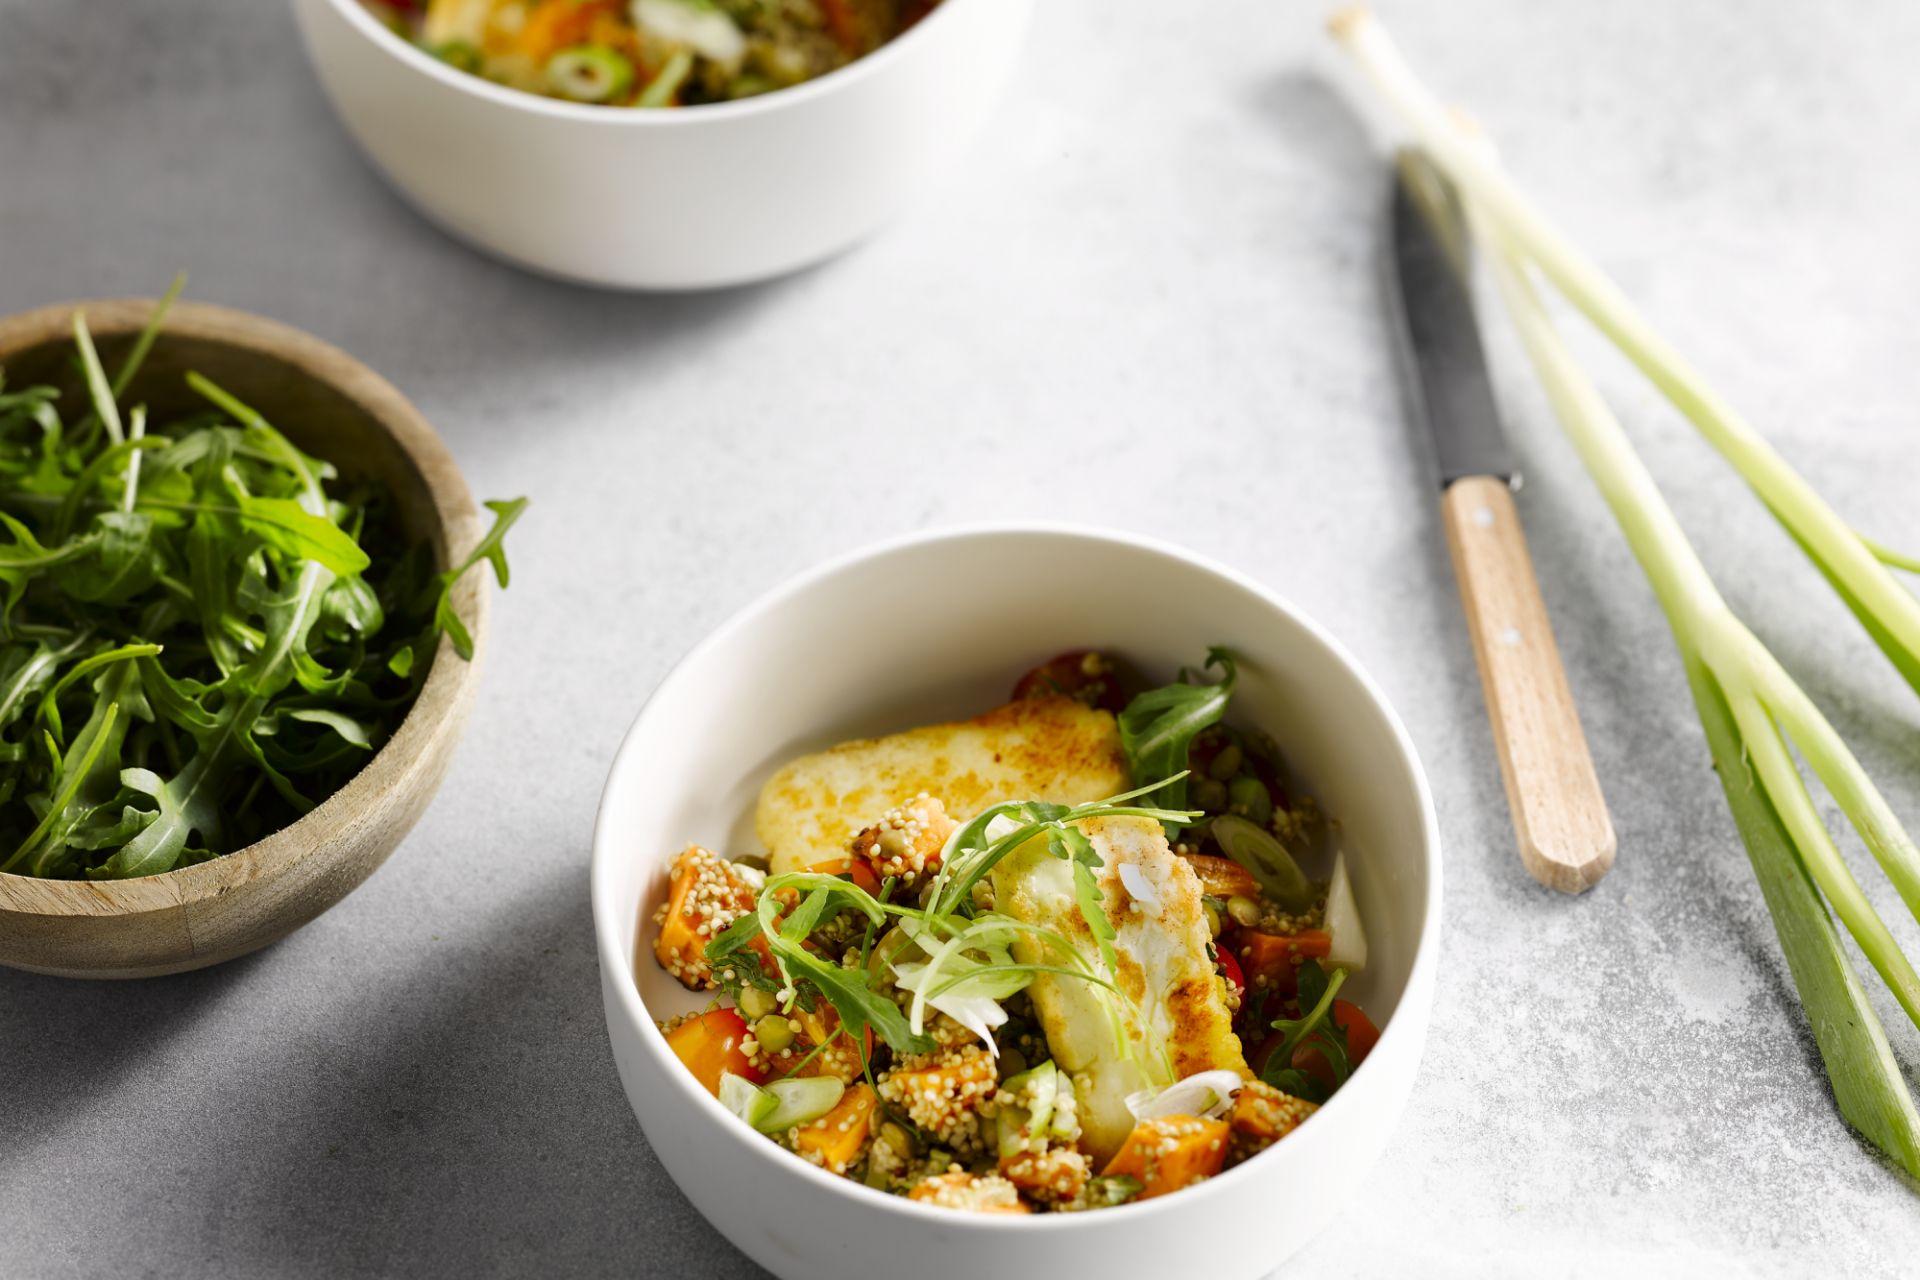 Quinoasalade met halloumi en zoete aardappel